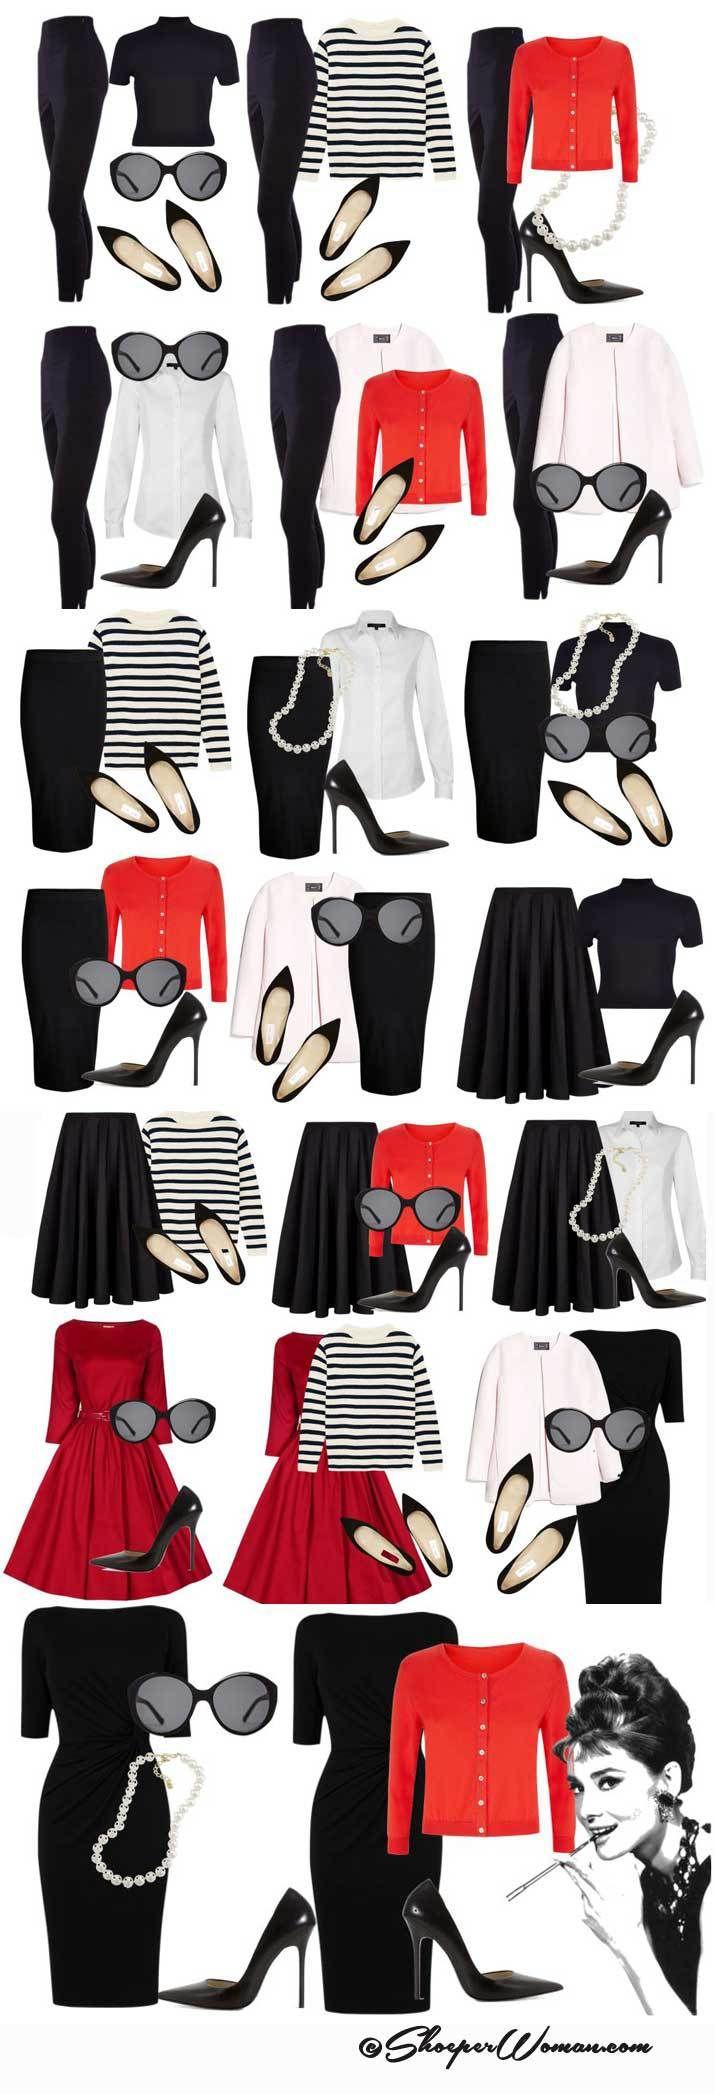 Audrey Hepburn um clássico que nunca sairá de moda. Mulheres exigentes e de muito bom gosto.